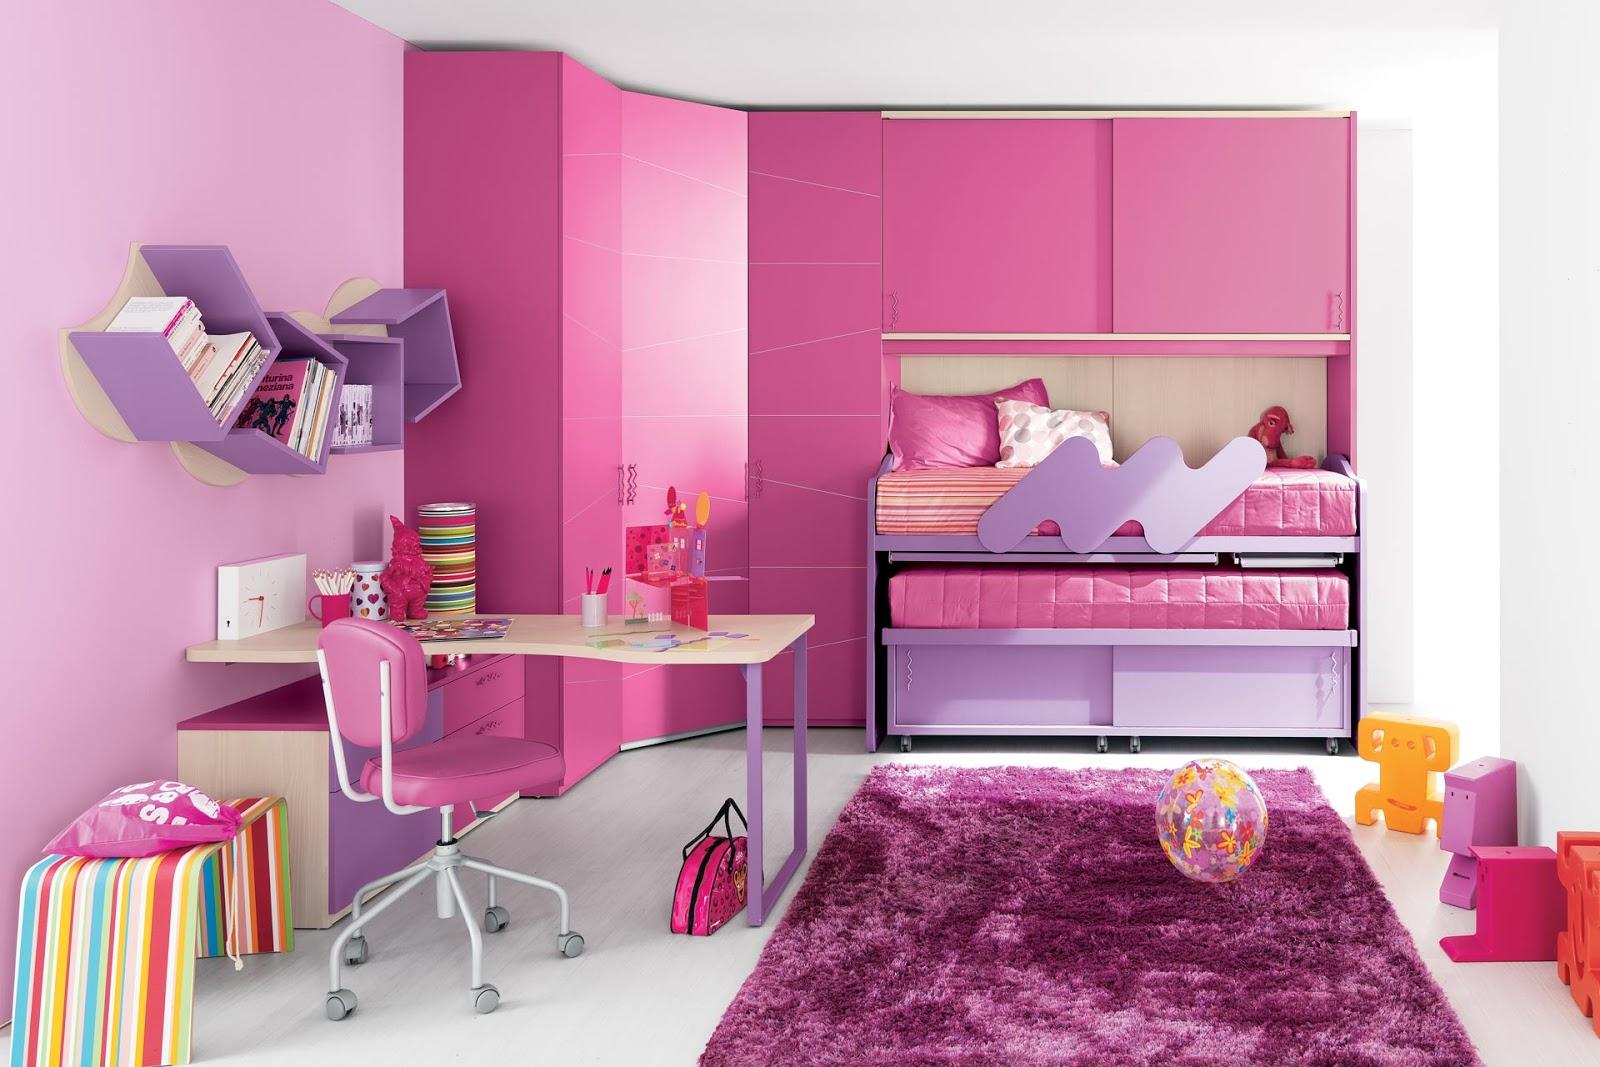 Colores para dormitorios de ni os dormitorios con estilo - Pinturas de decoracion de dormitorios ...